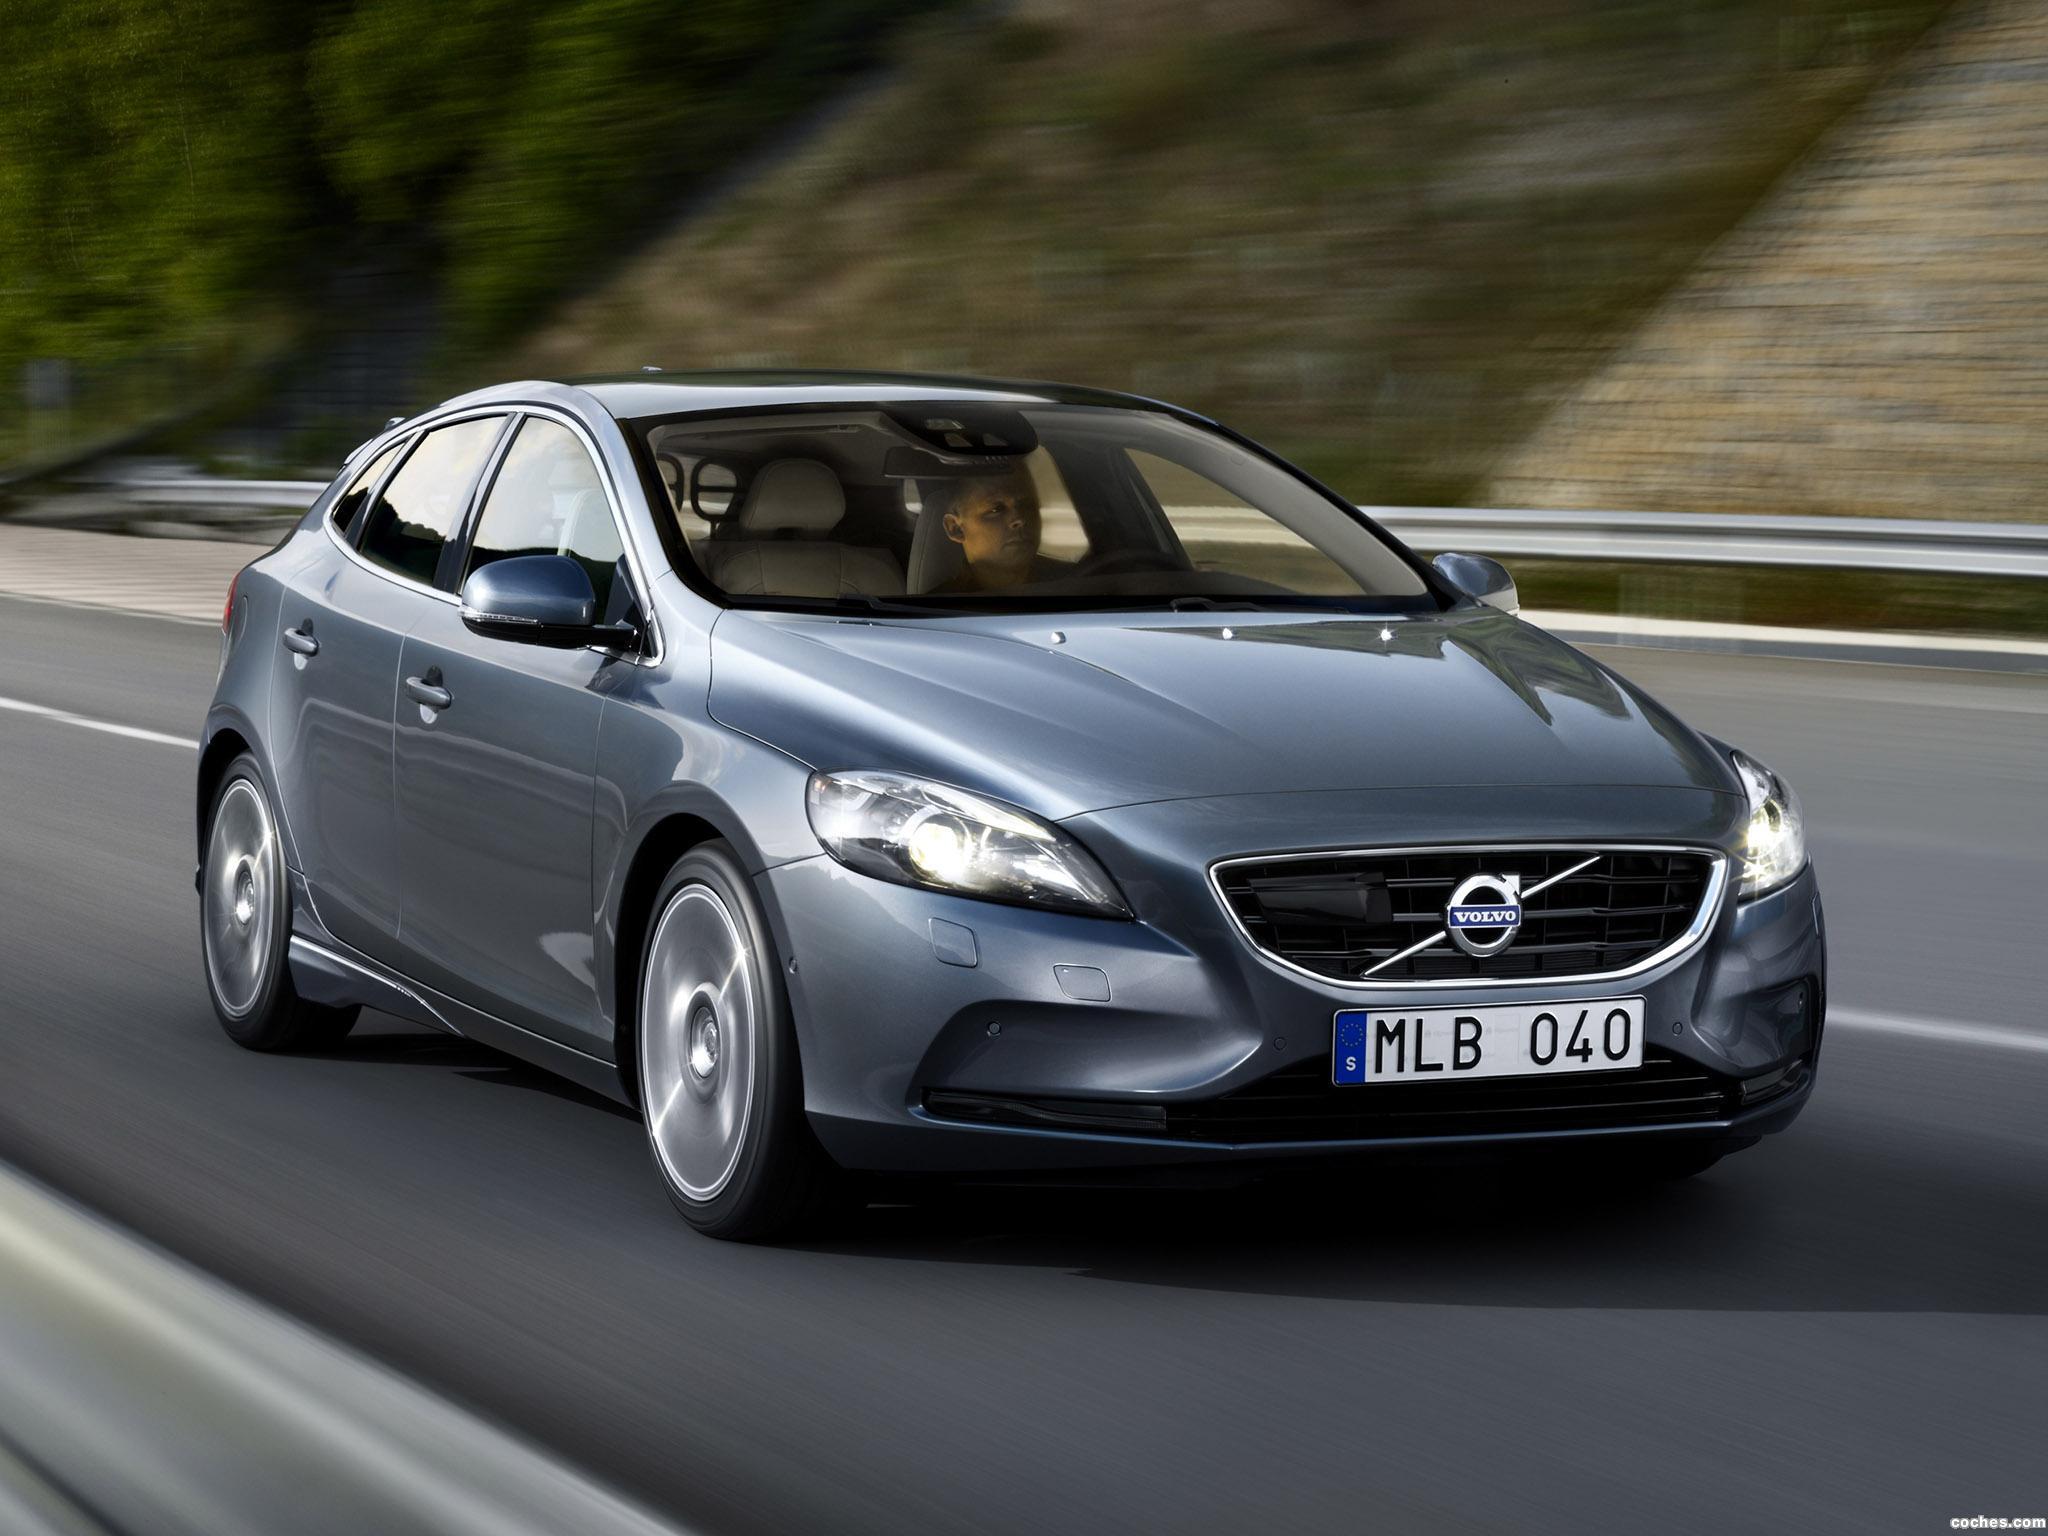 Ver ofertas de Volvo V40 nuevos Ver Volvo V40 de segunda mano